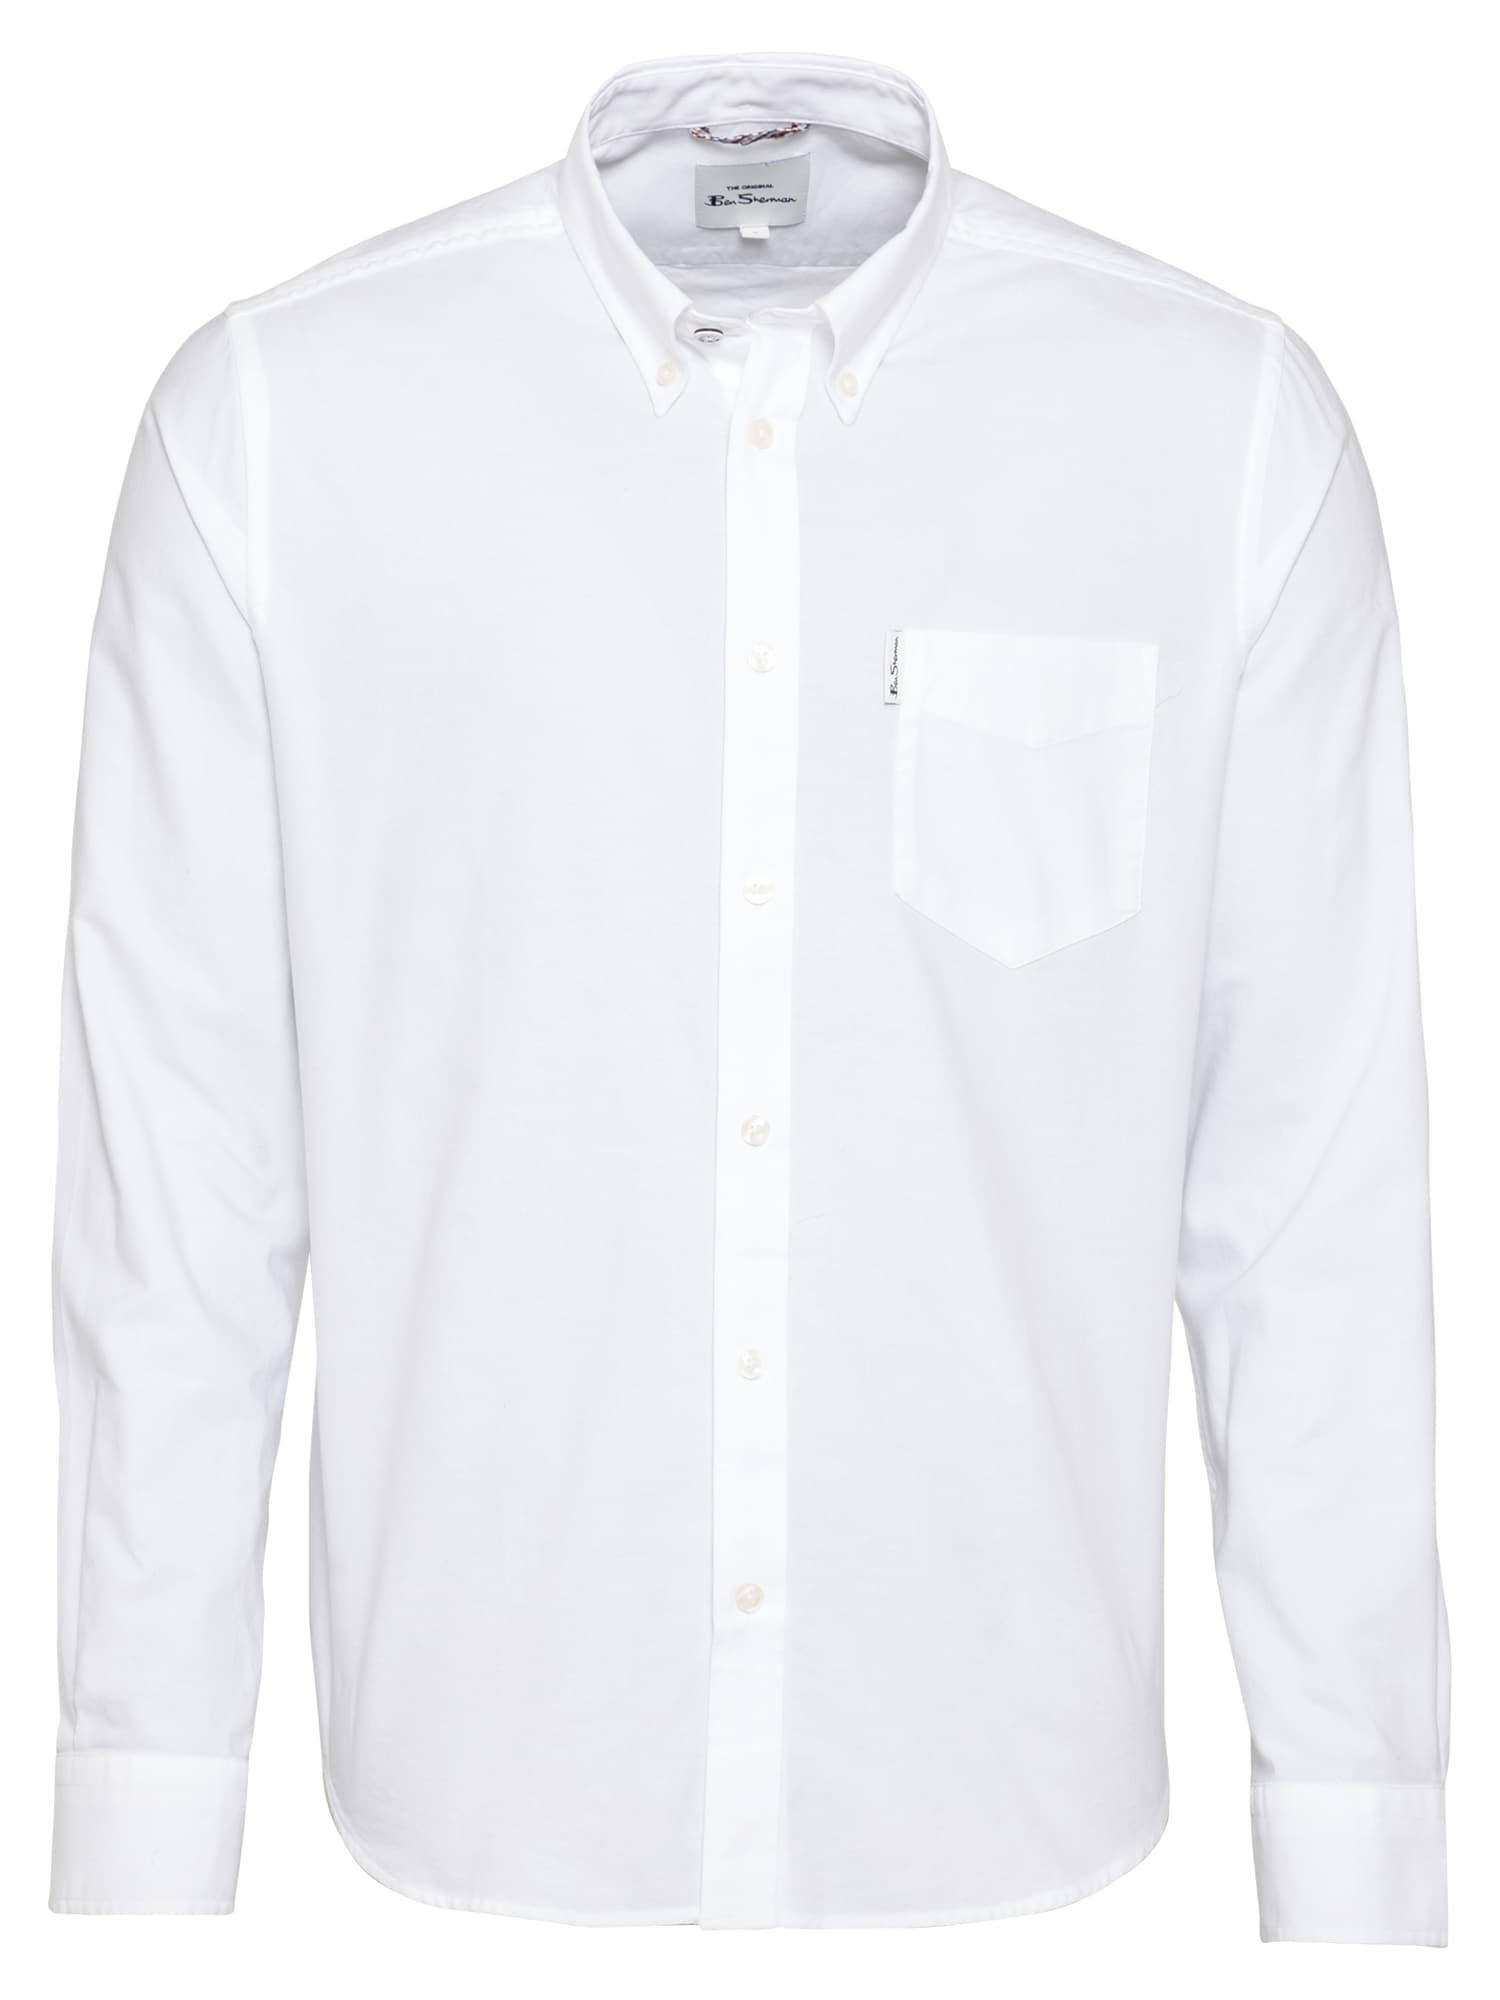 Ben Sherman Dalykinio stiliaus marškiniai balta